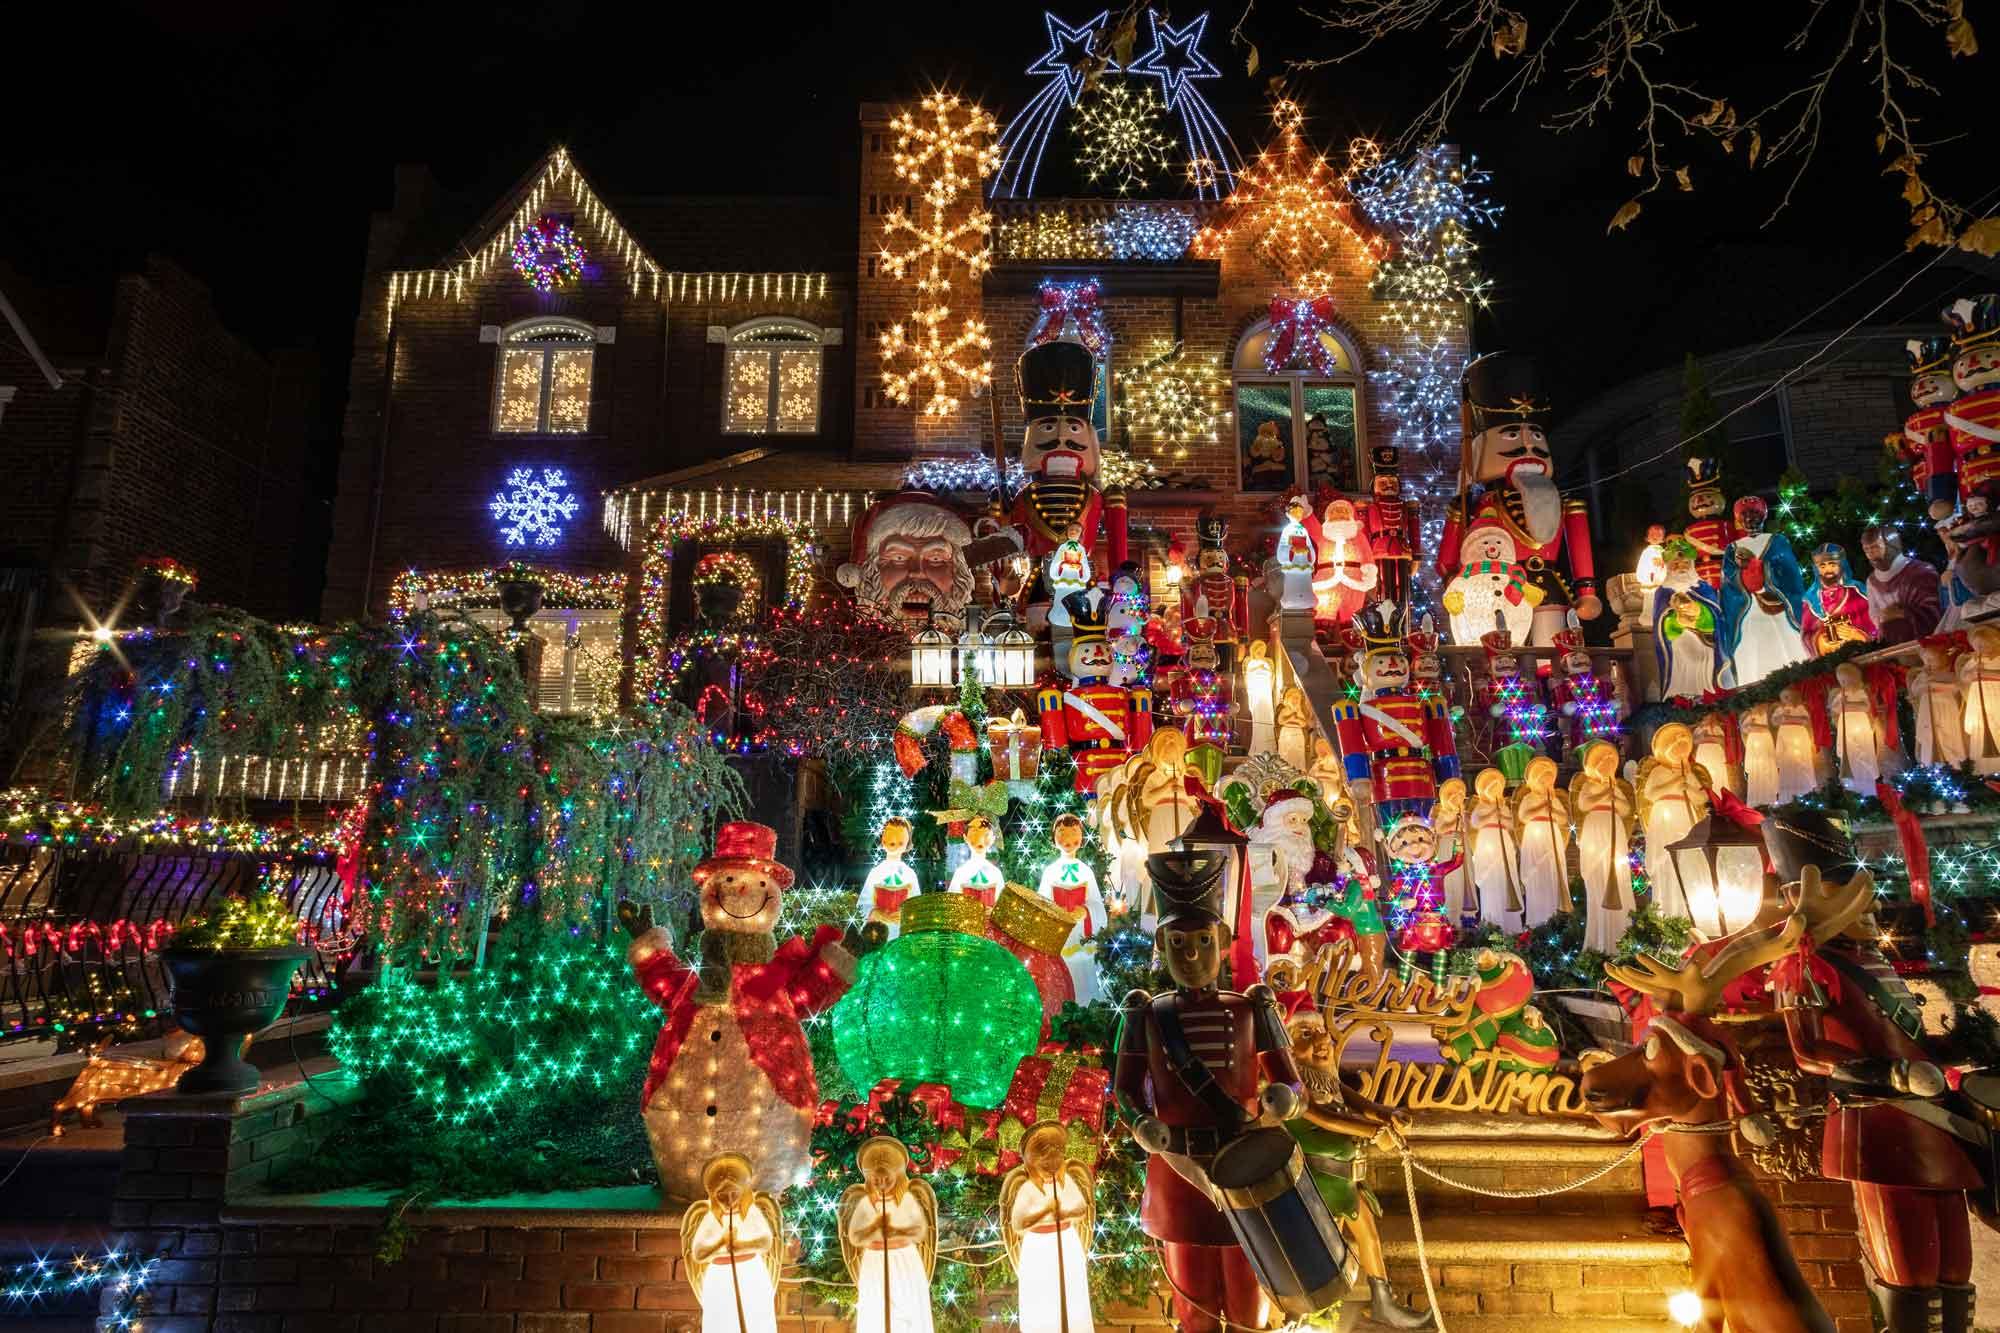 Fotos Casas Decoradas Navidad.Nueva York Semana Alumbrado De Navidad Con Visita Casas